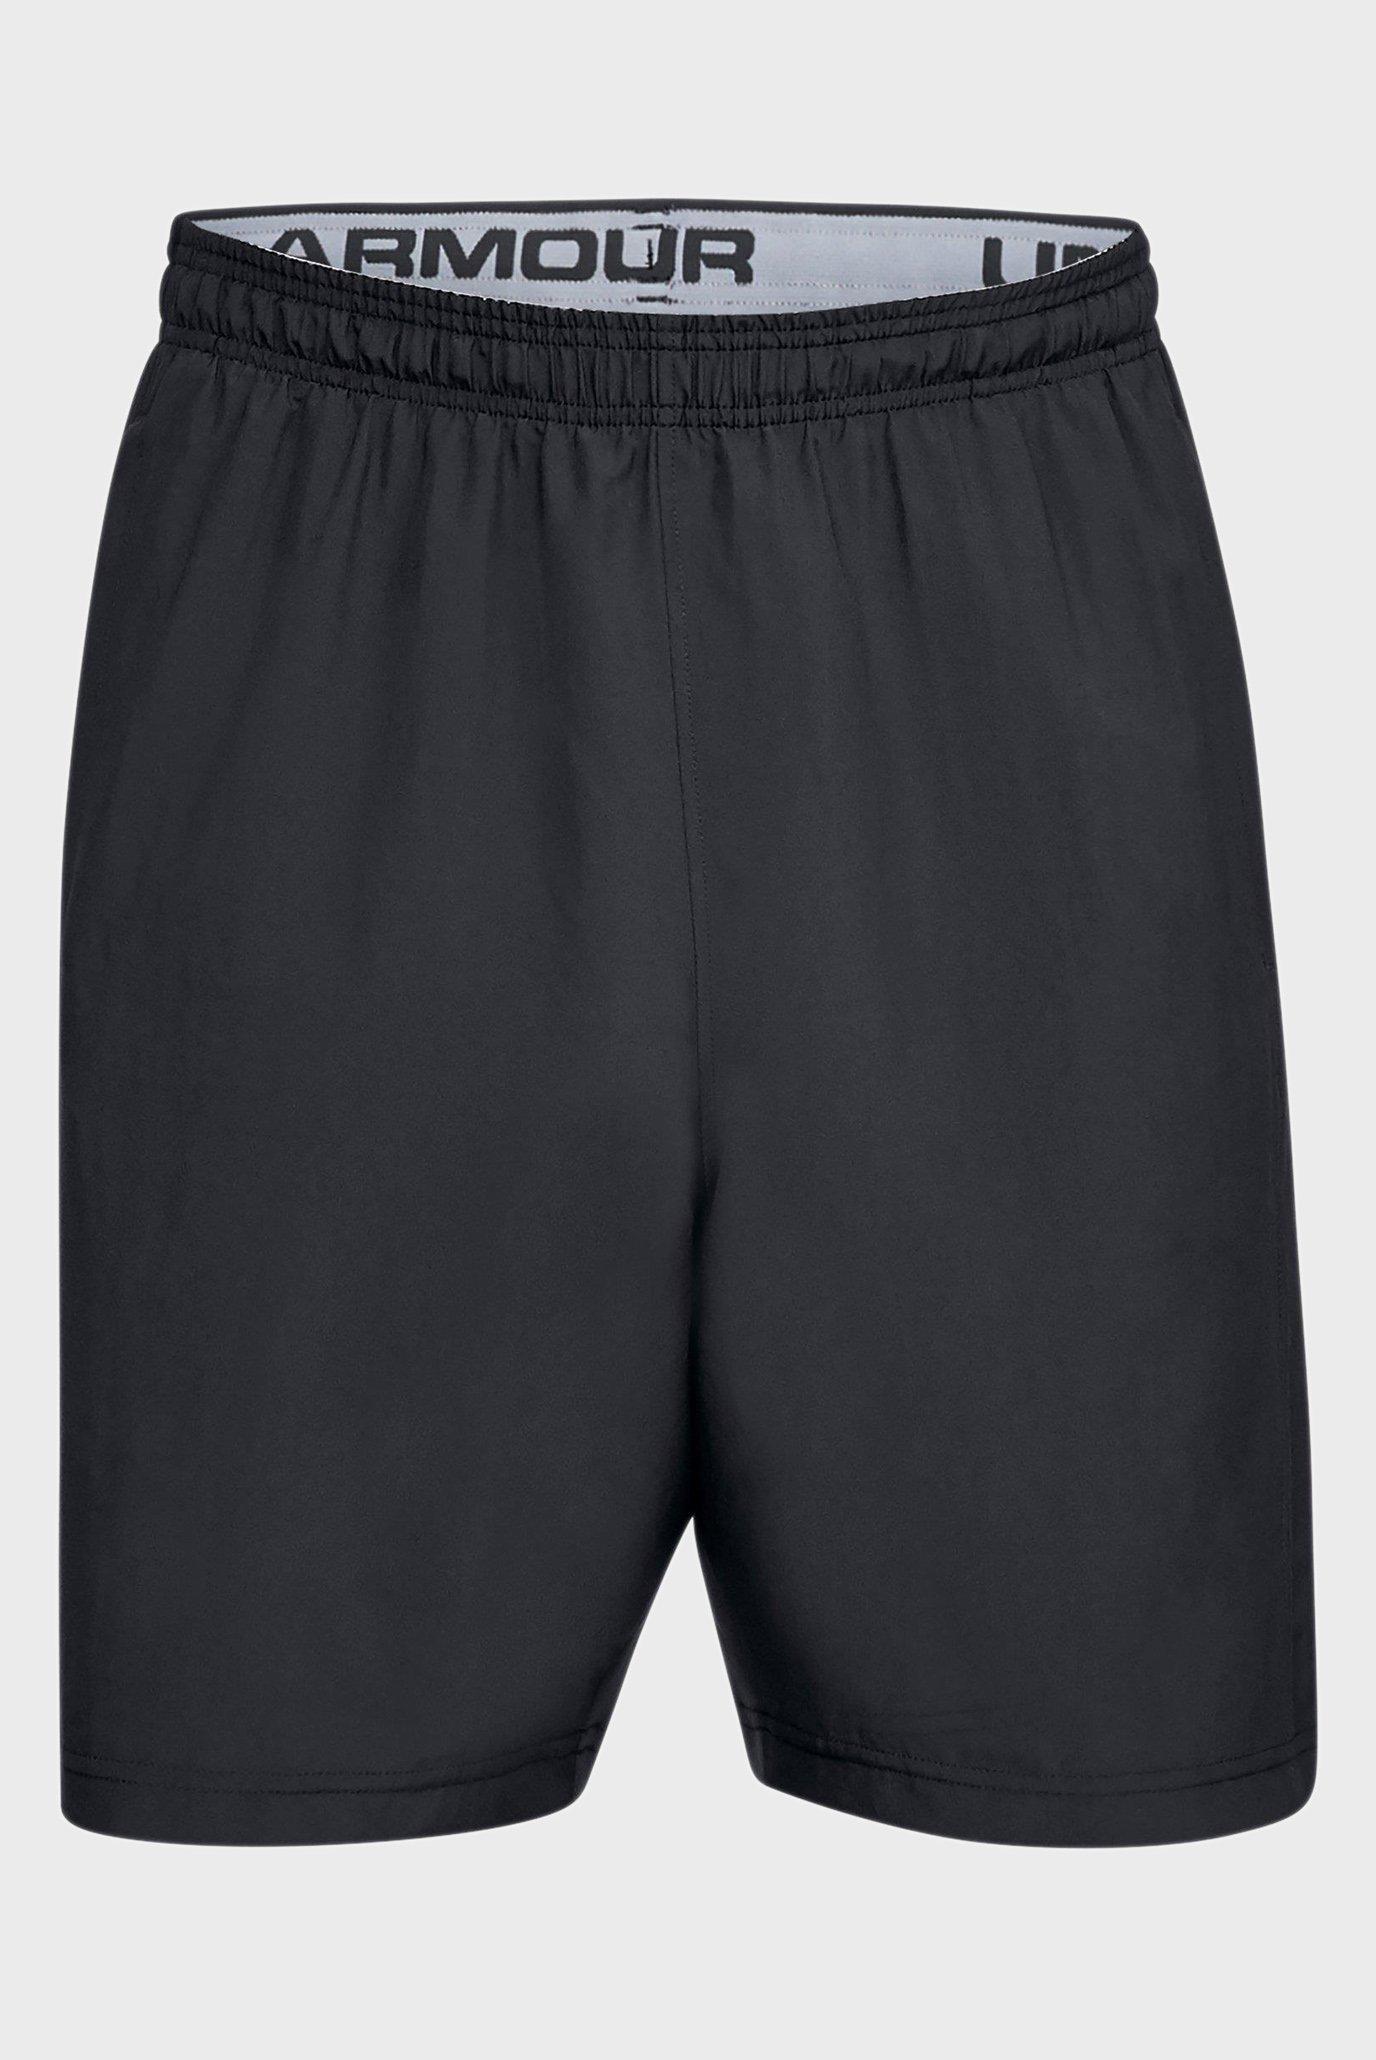 Купить Мужские черные шорты Woven Graphic Wordmark Short Under Armour Under Armour 1320203-001 – Киев, Украина. Цены в интернет магазине MD Fashion